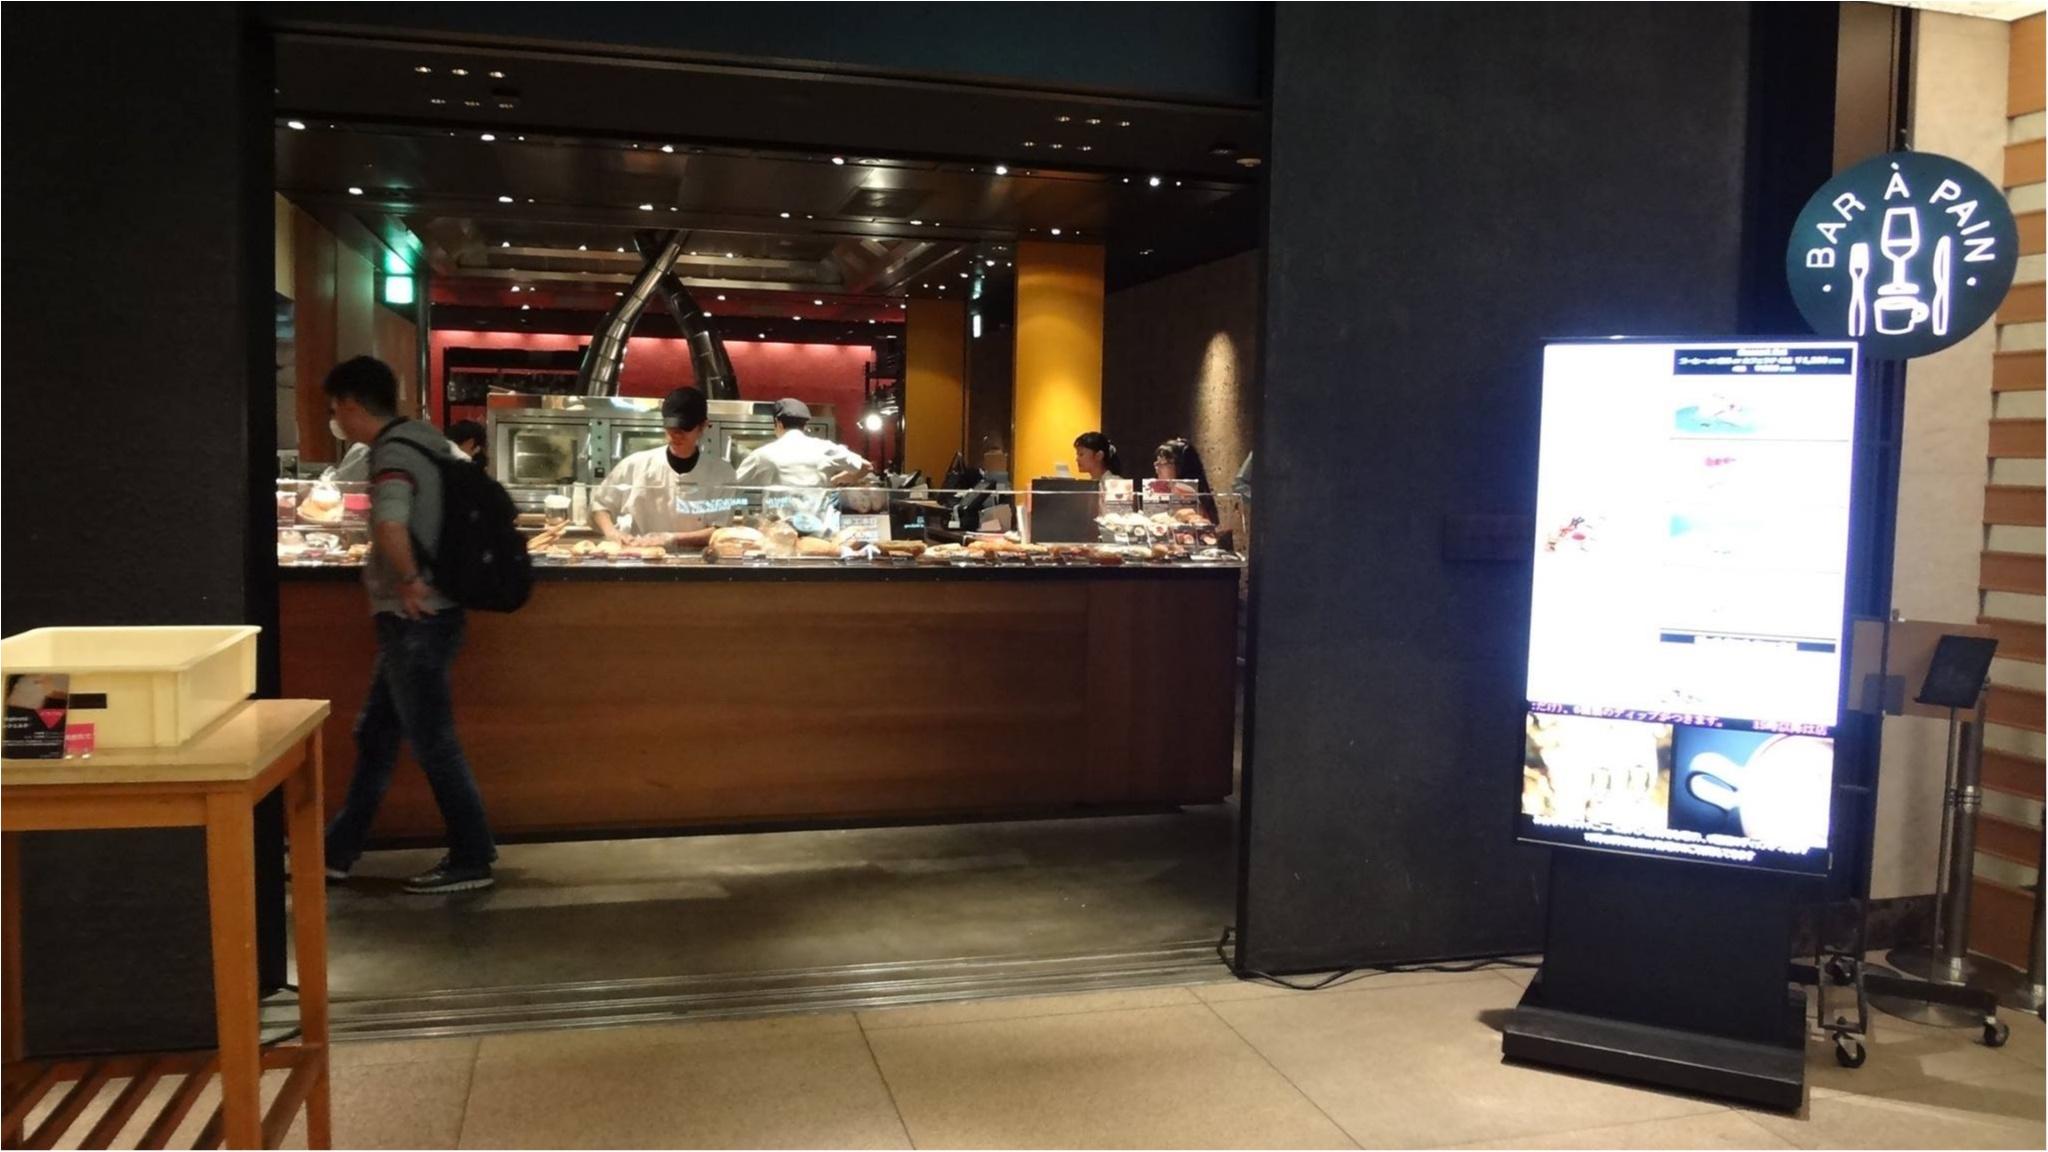 【パン屋さんのミルフィーユでTea Time】パン職人が作るこだわりのパイ生地♡ランチはパンビュッフェも楽しめる✨IN 東京 新丸ビル≪samenyan≫_6